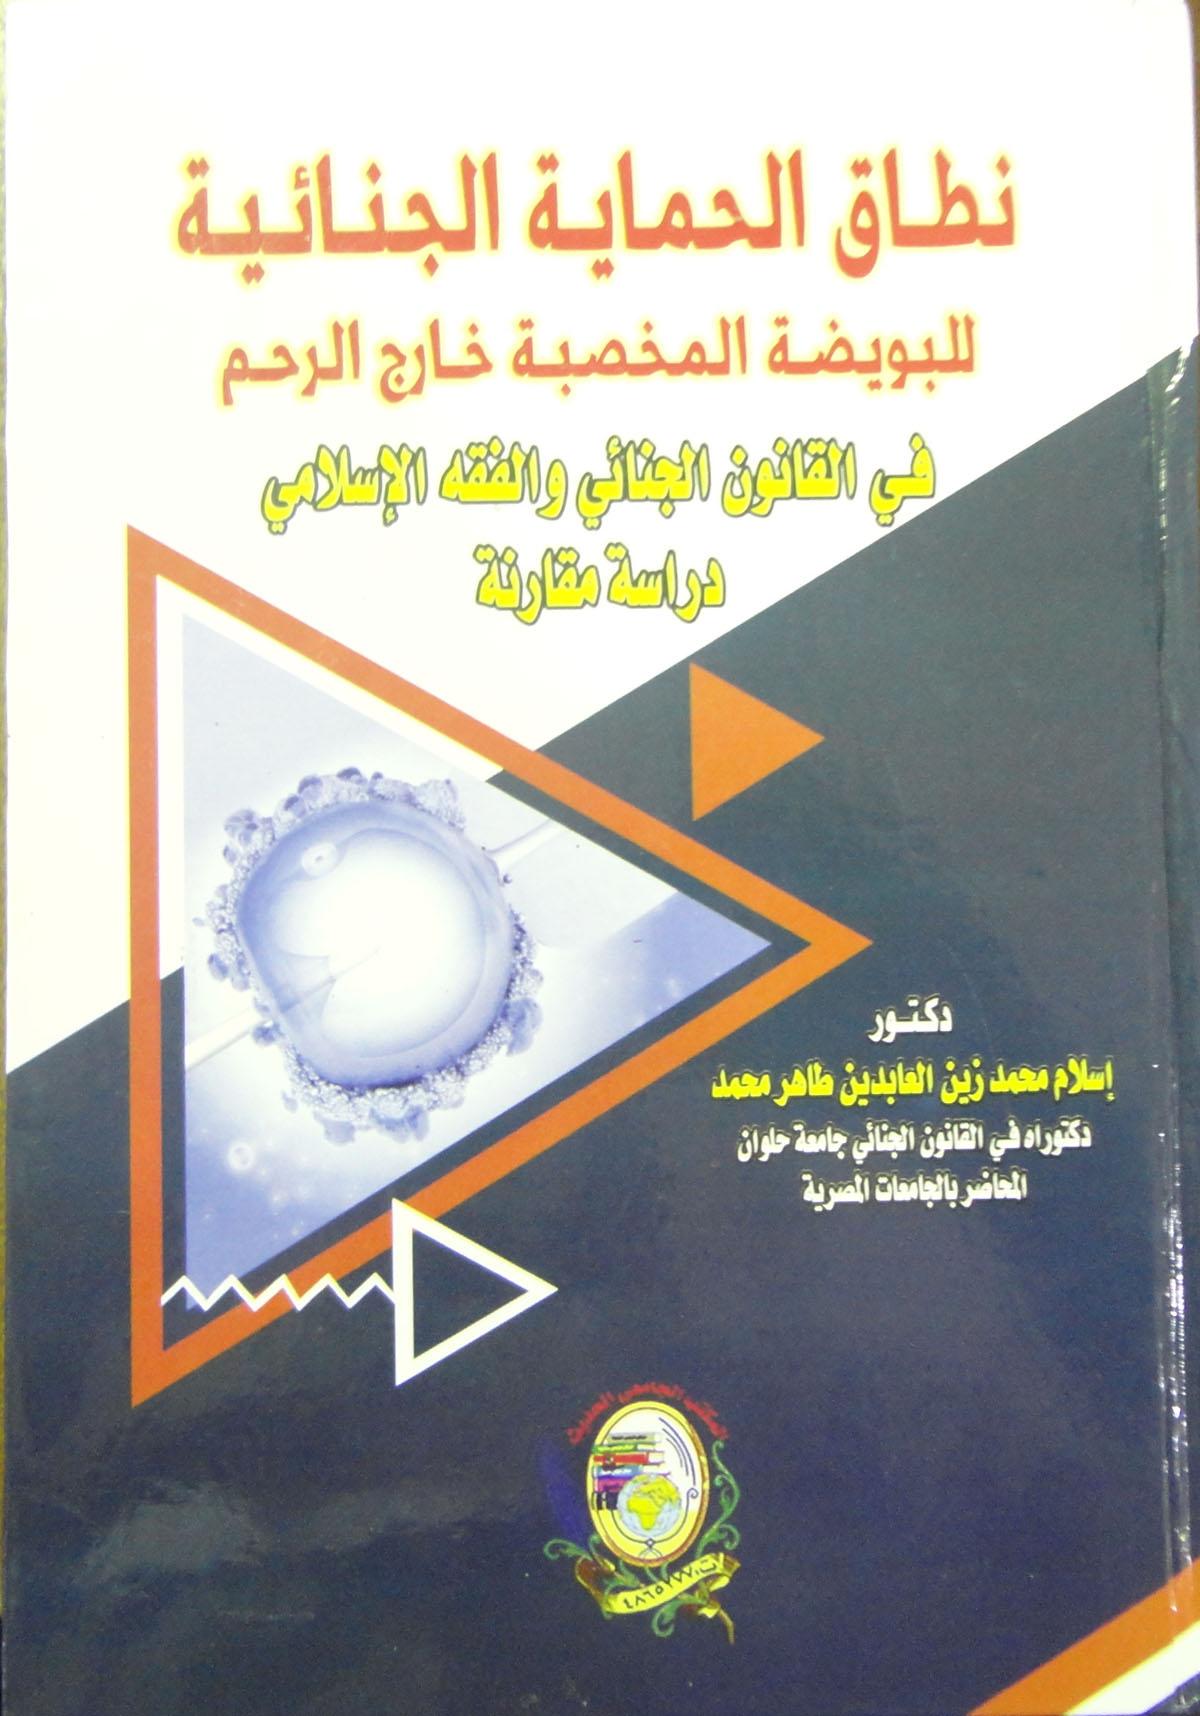 """نطاق الحماية الجنائية للبويضة المخصبة خارج الرحم في القانون الجنائي والفقه الإسلامي """"دراسة مقارنة"""""""